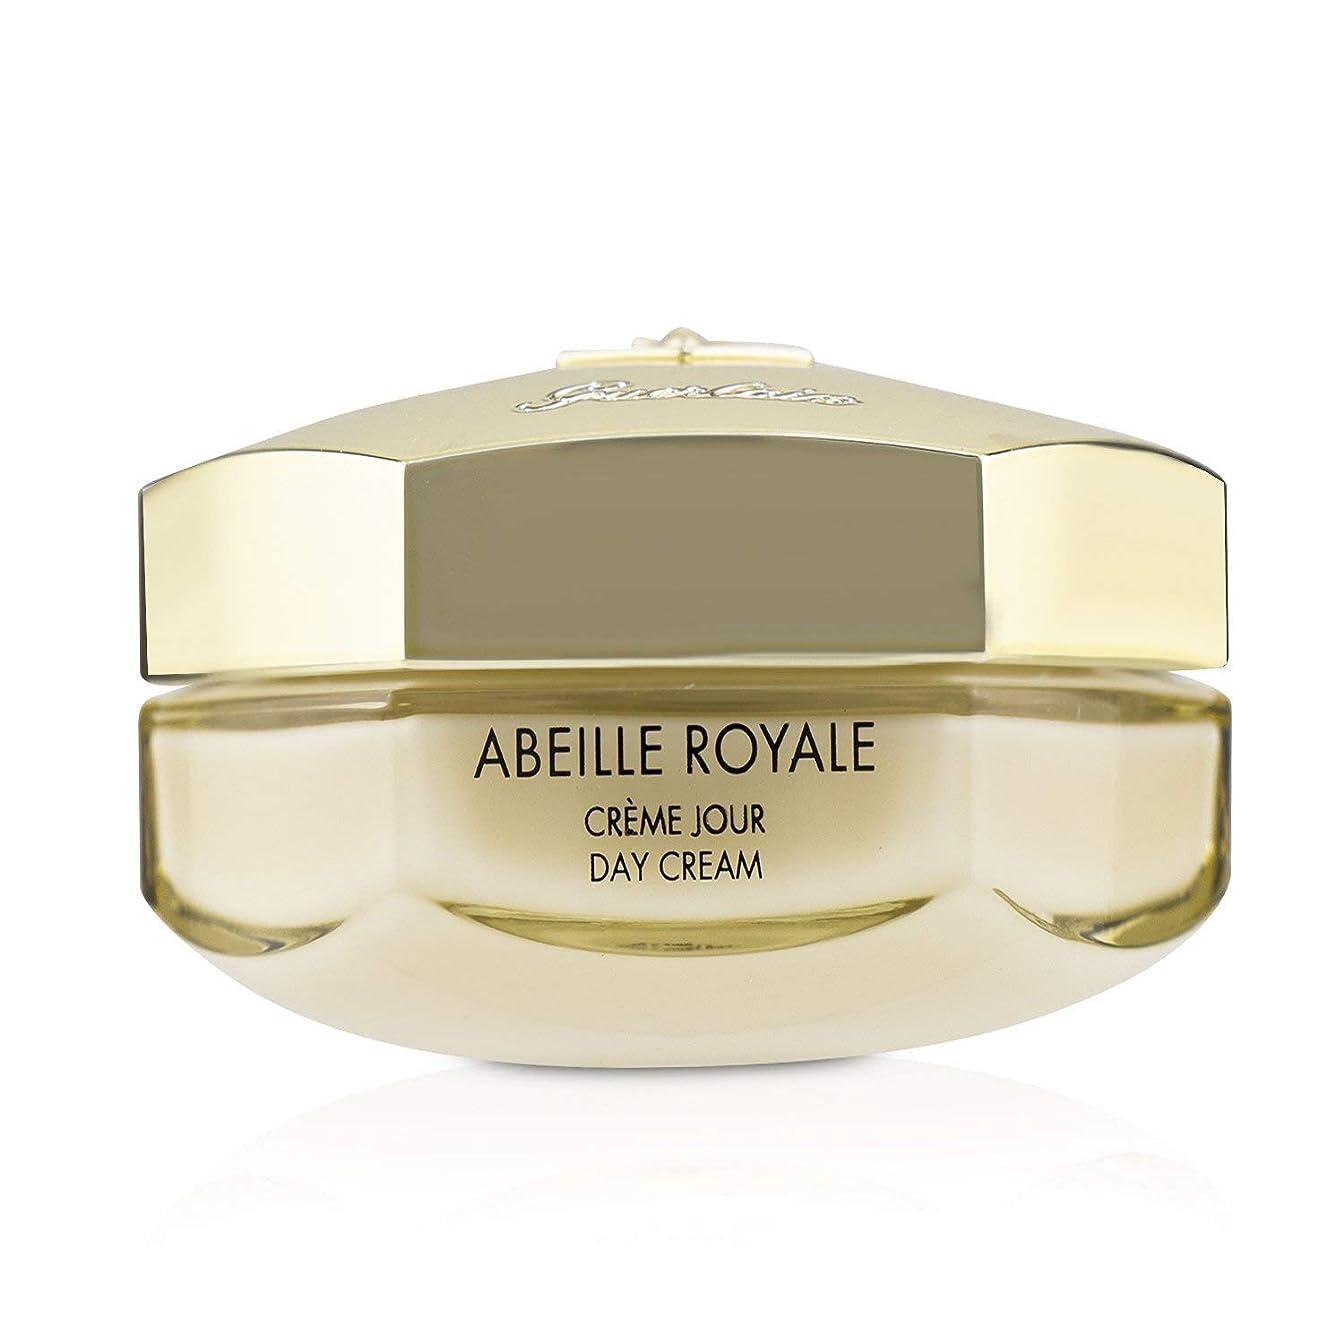 偶然のスピリチュアル腐食するゲラン Abeille Royale Day Cream - Firms, Smoothes & Illuminates 50ml/1.6oz並行輸入品